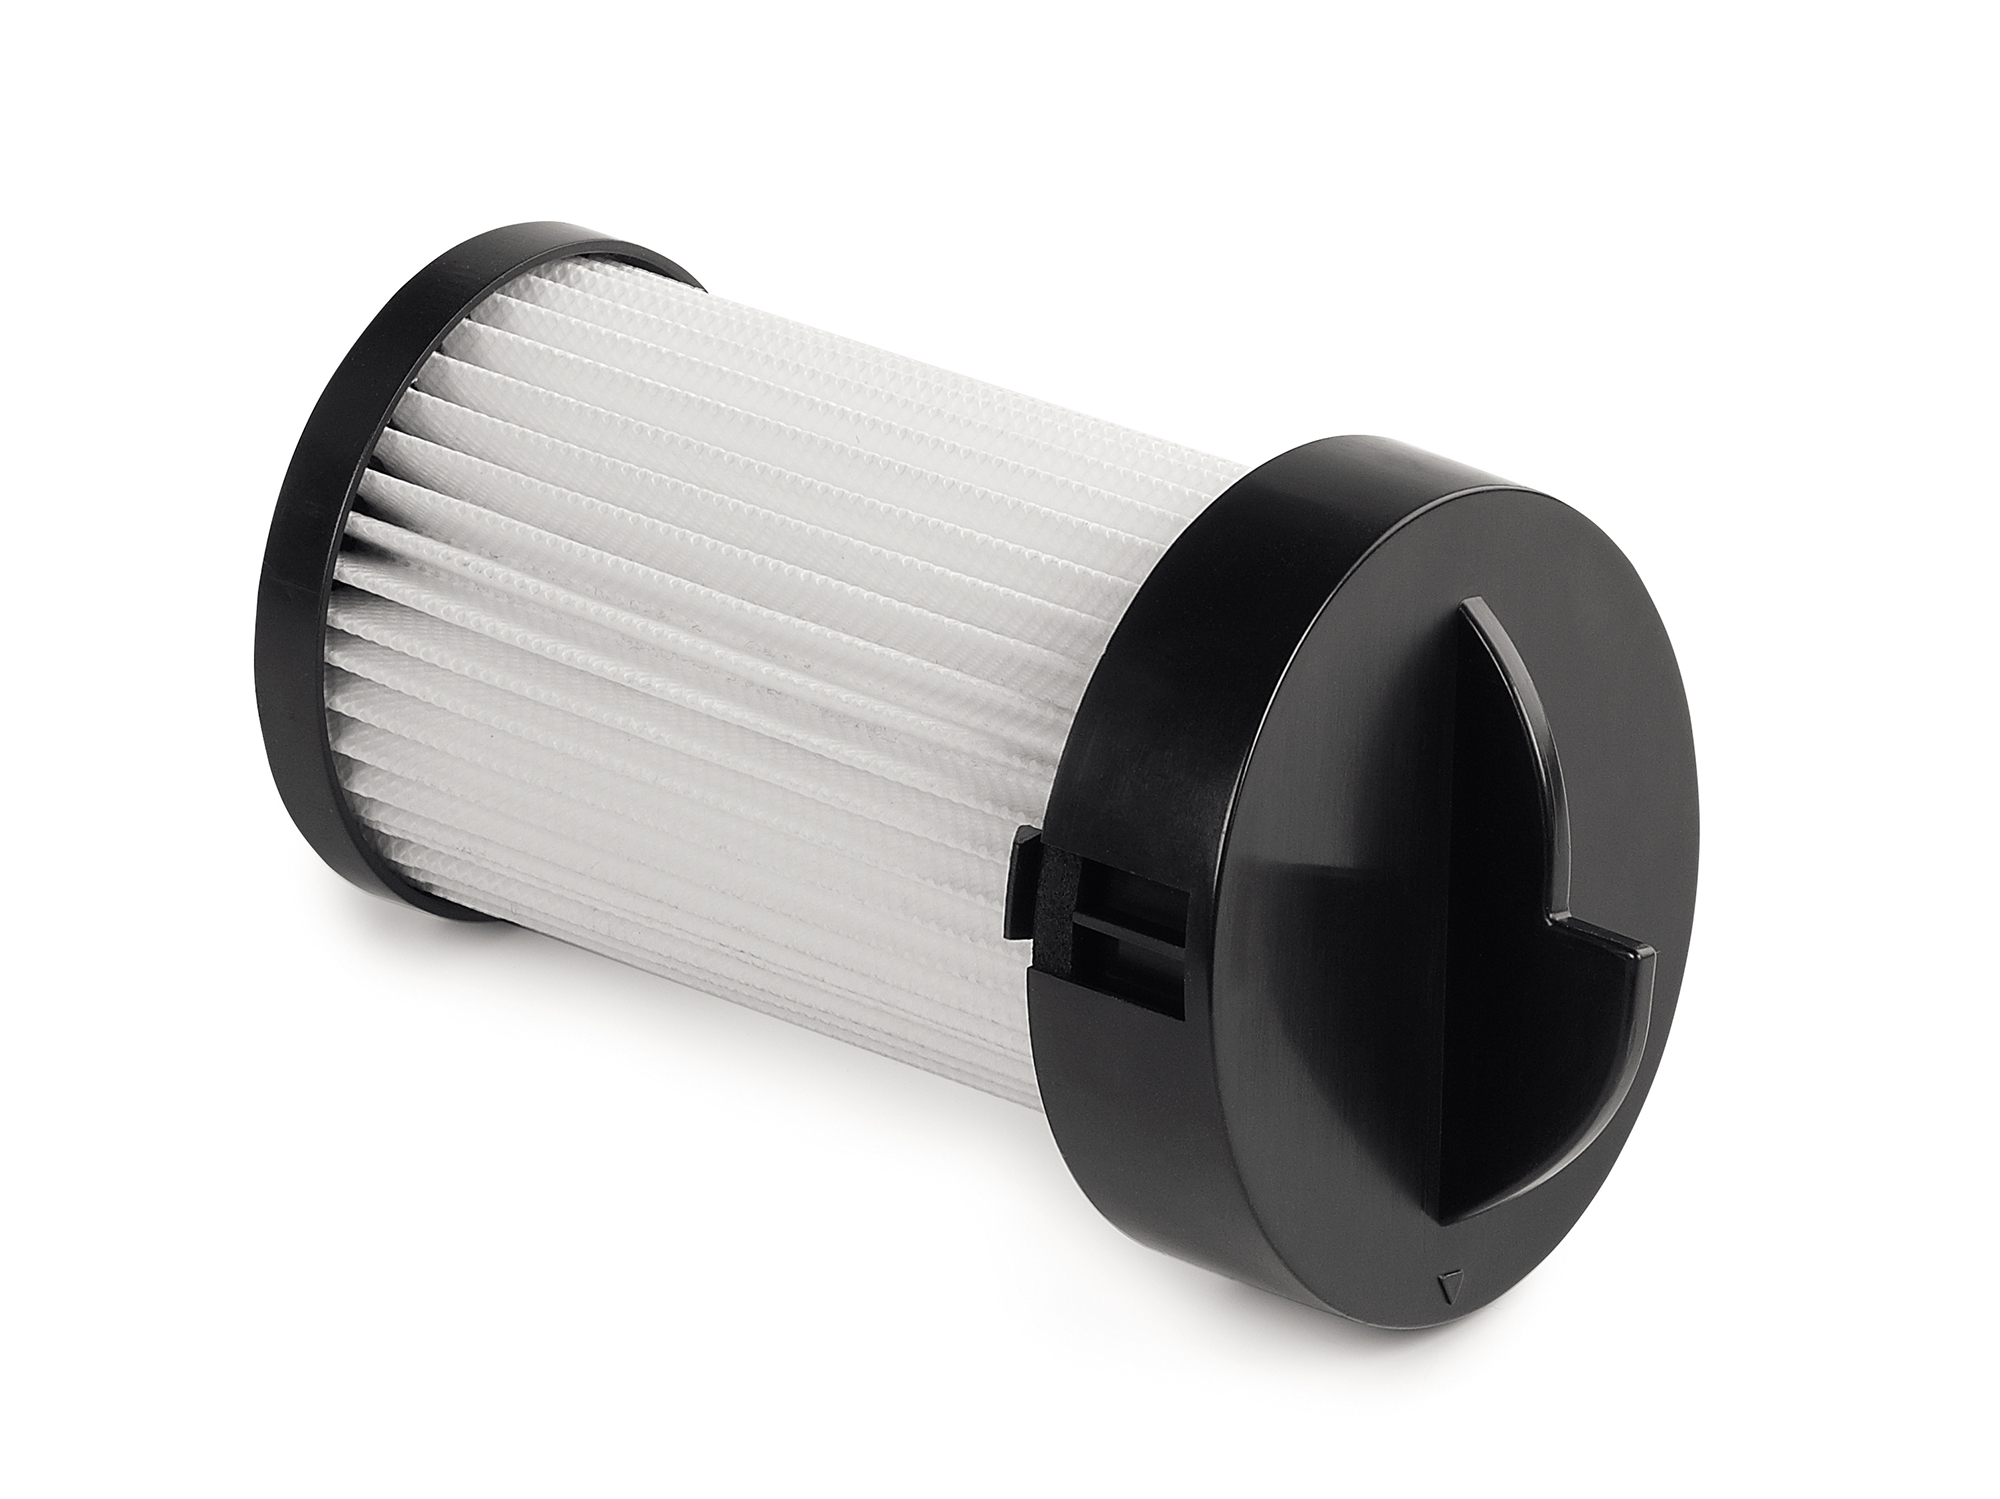 Filtr do vakuového vysavače vlasů Sibel Hair Vacuum - válcový (0170190-00) + DÁREK ZDARMA